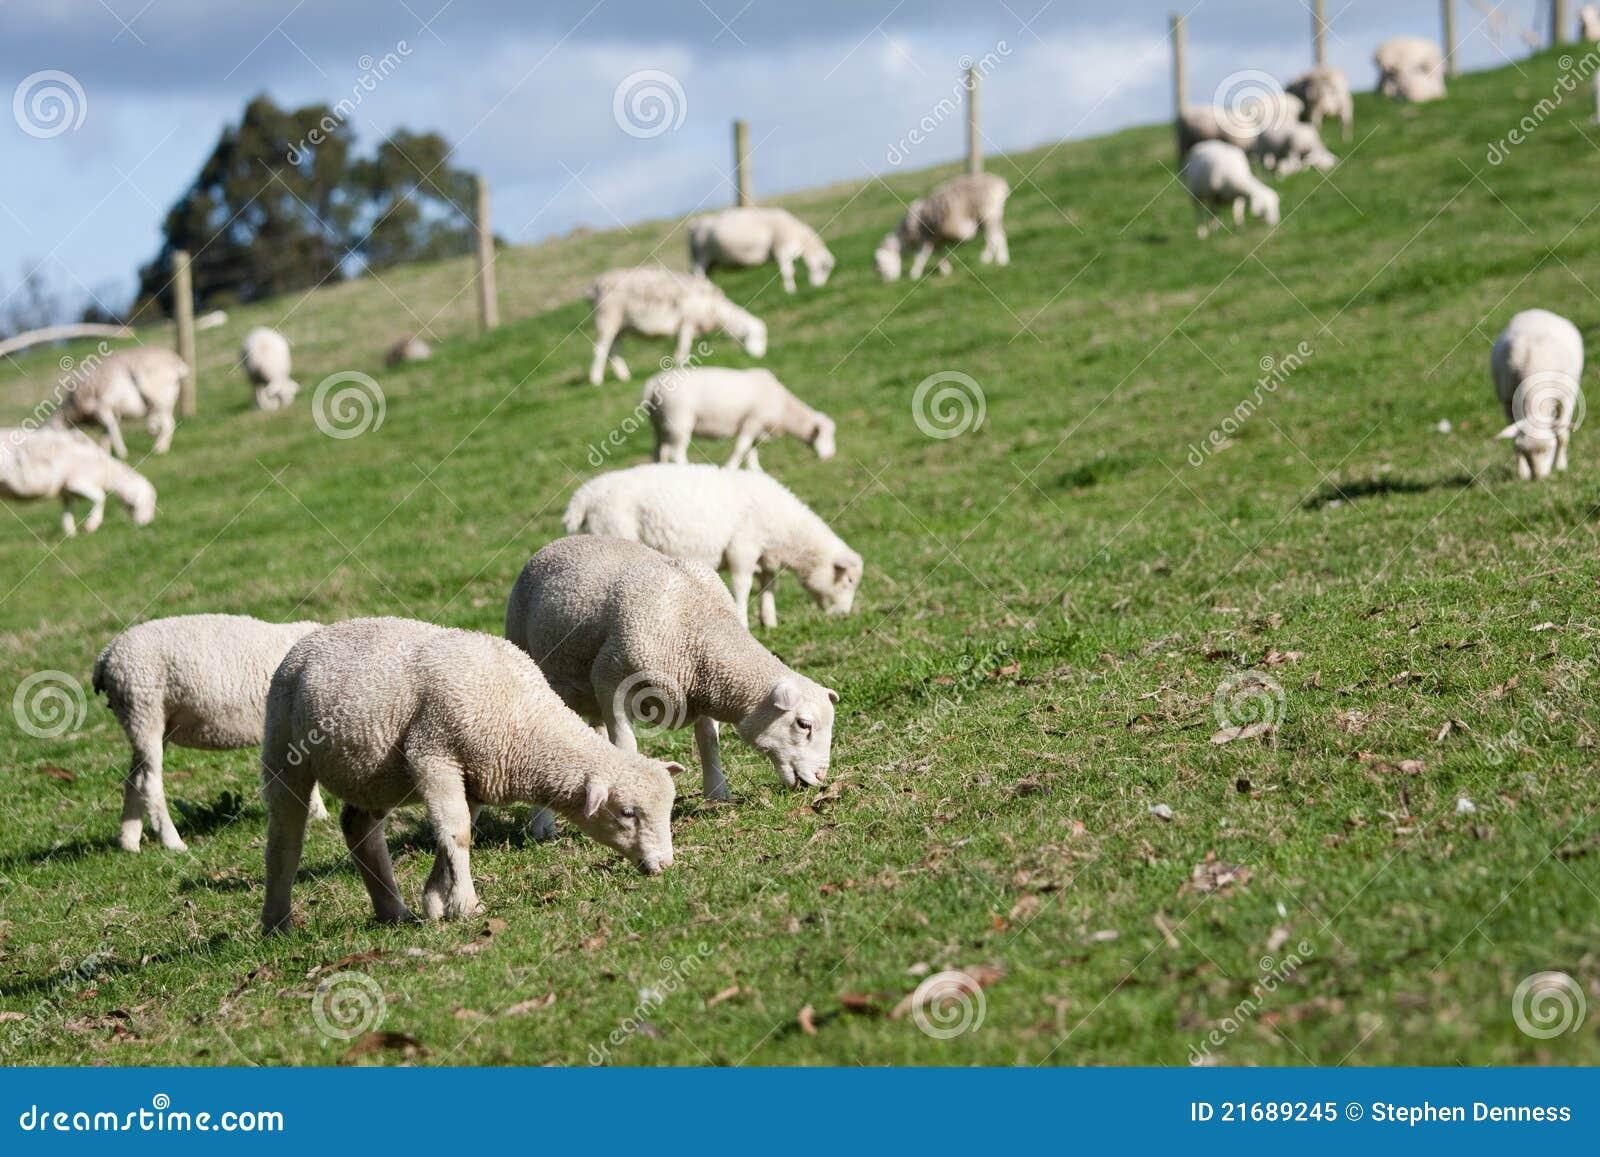 White sheep herd - photo#6